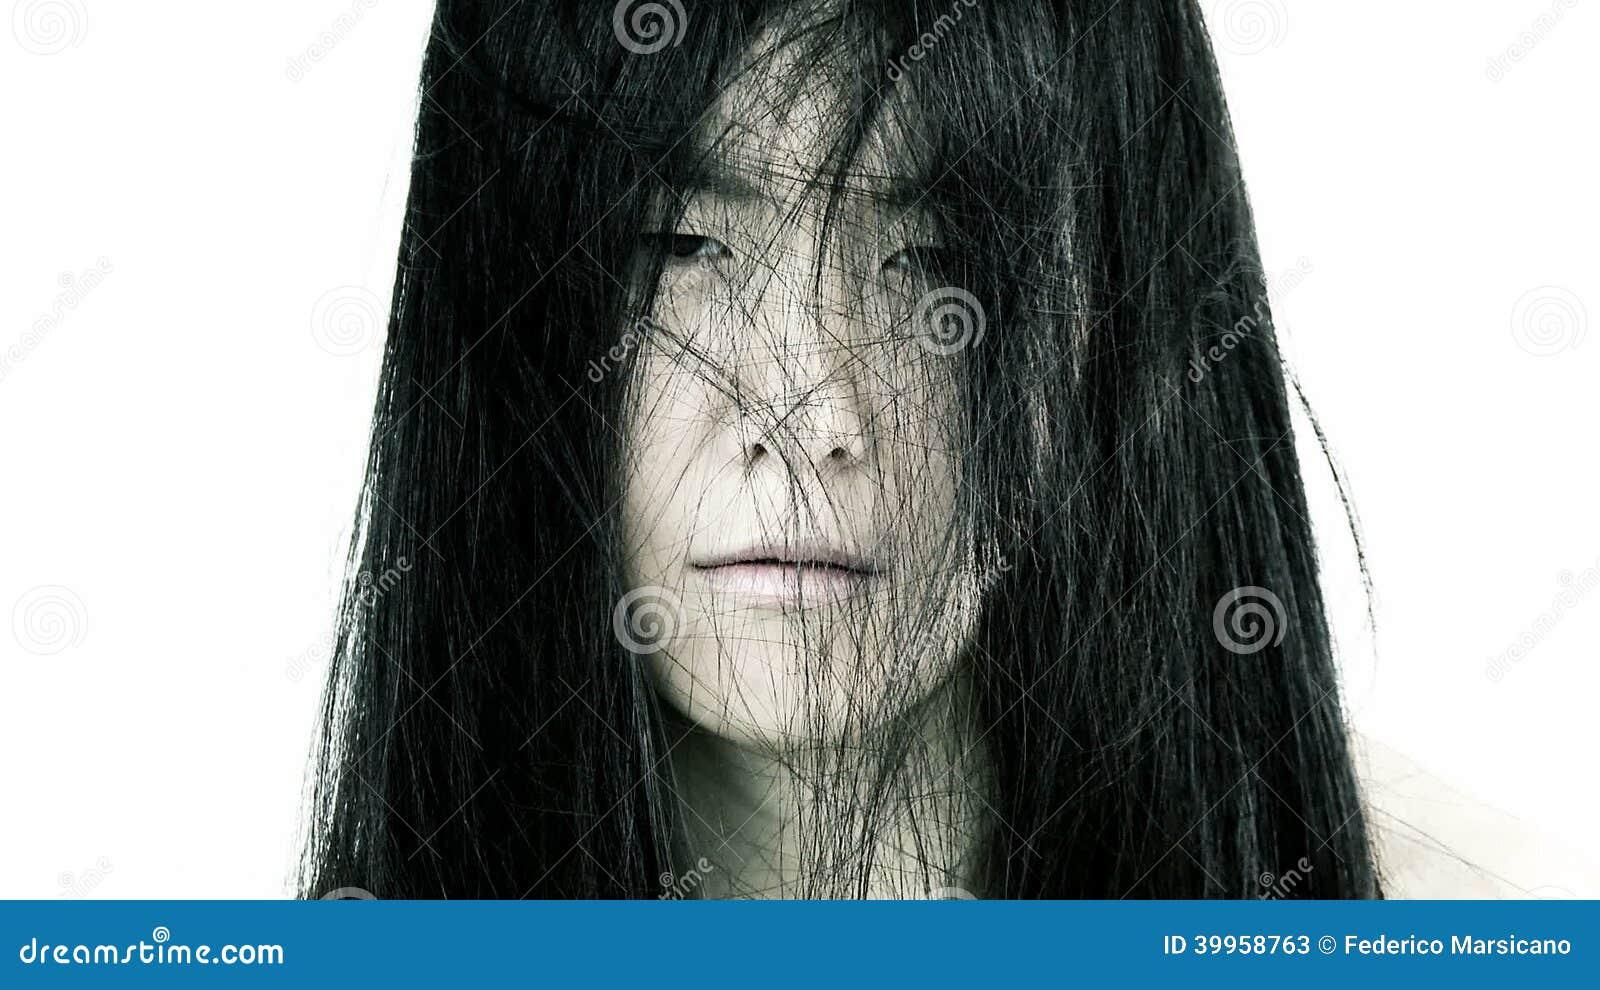 Images - Asian girl monster